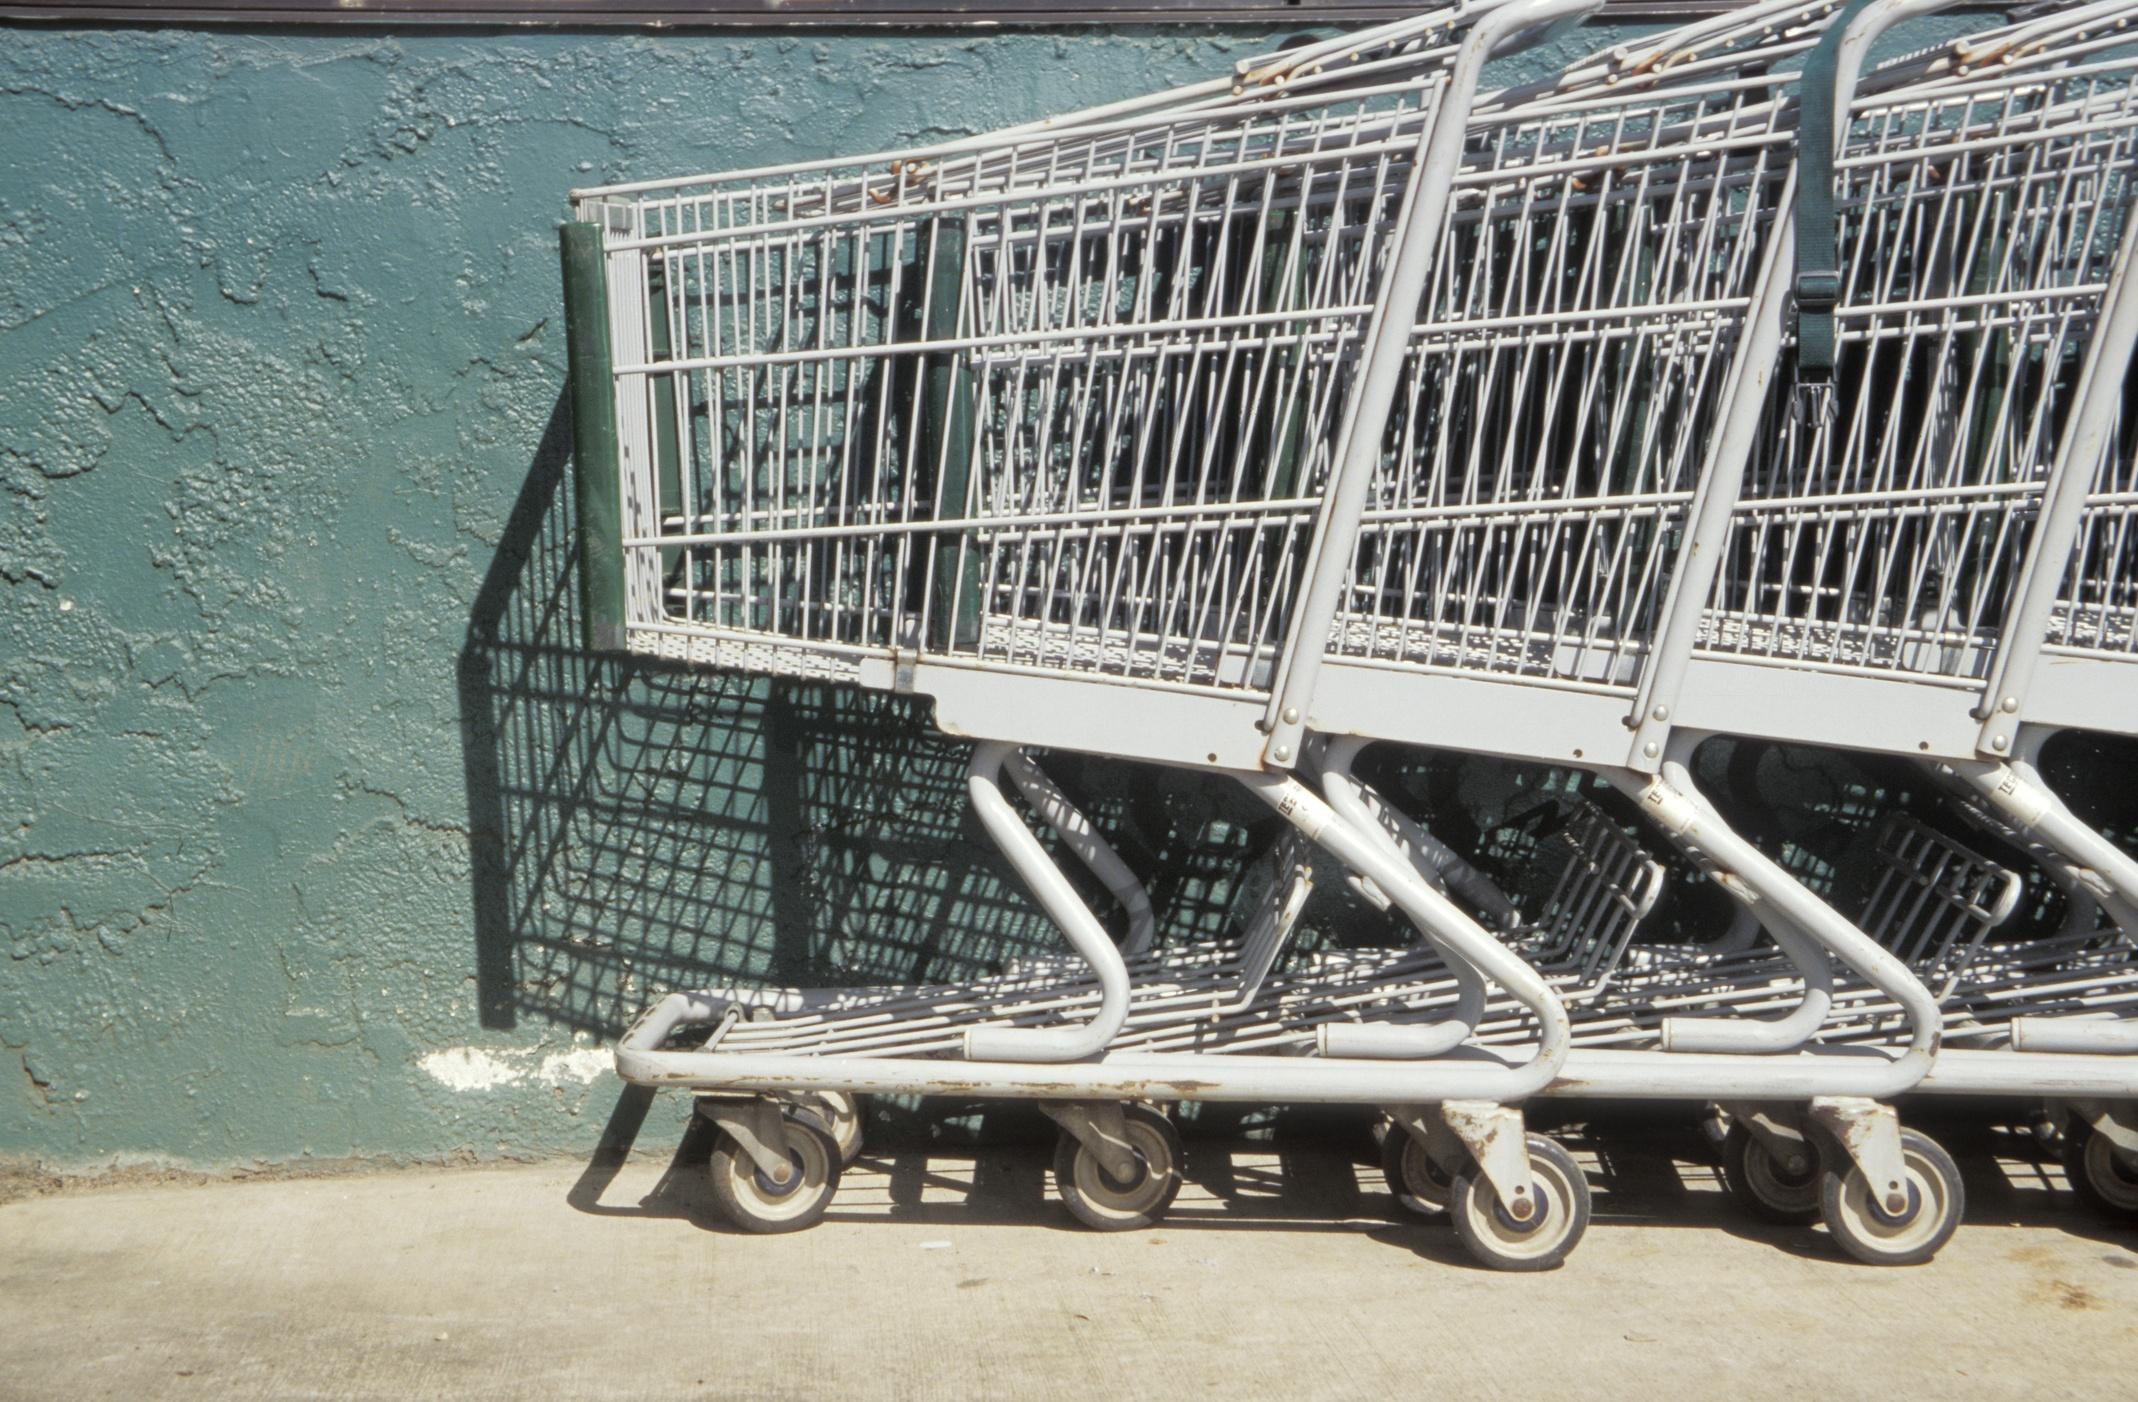 https://cdn2.hubspot.net/hubfs/32387/shopping-cart-abandonment-retargeting-ads.jpg